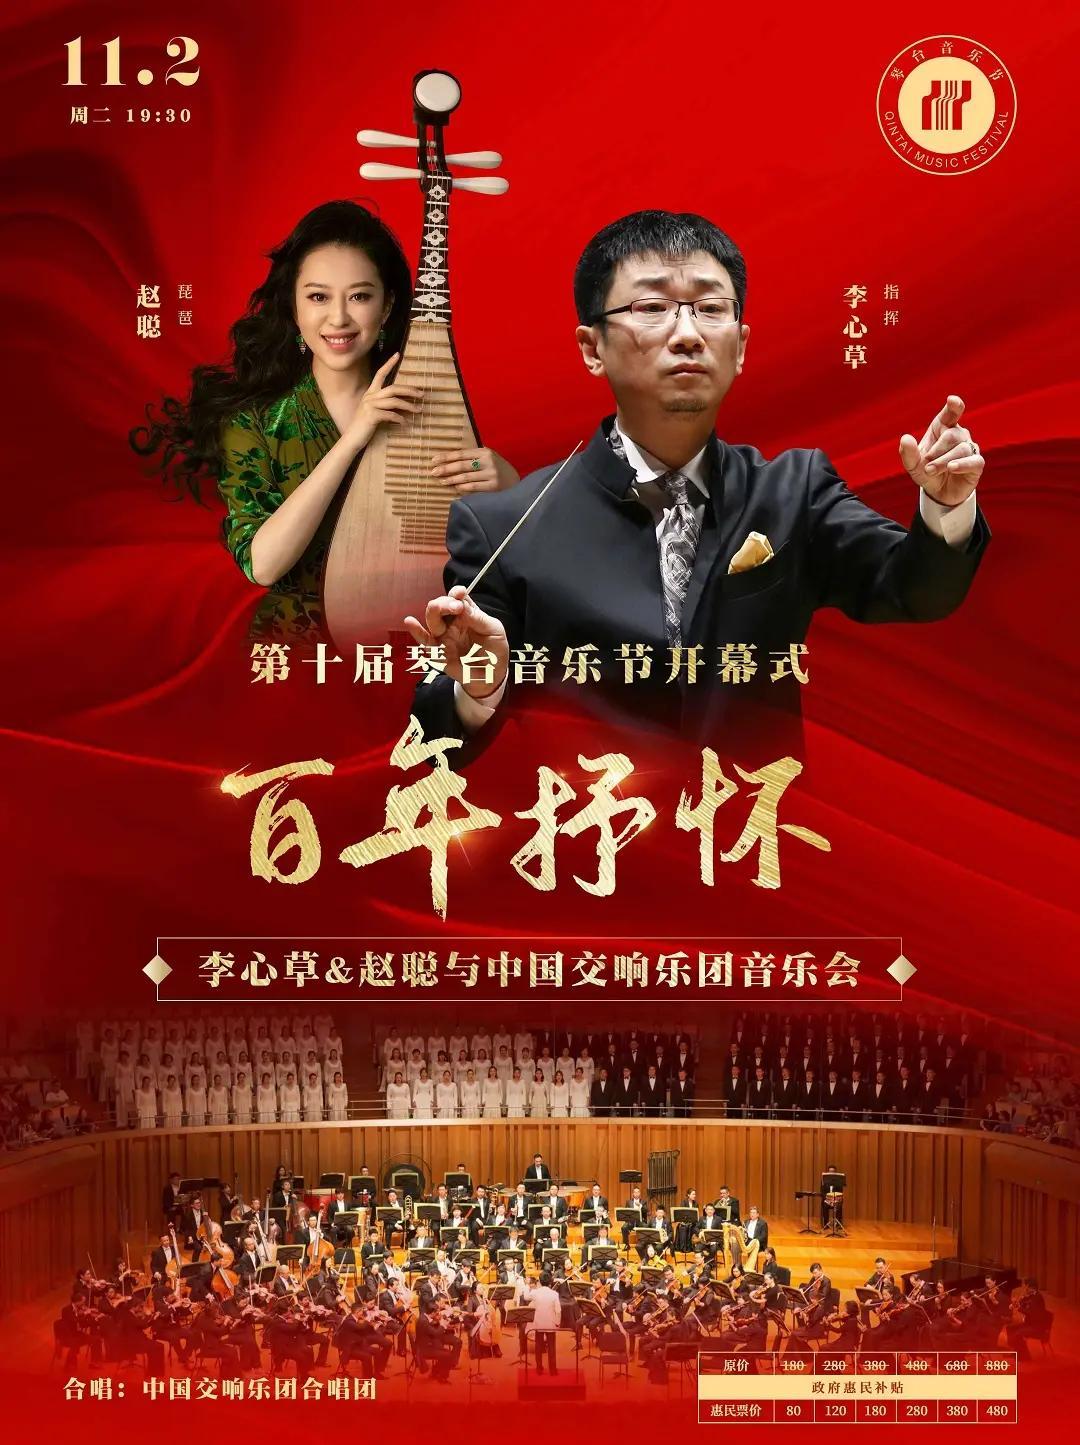 百年抒怀李心草&赵聪与中国交响乐团音乐会